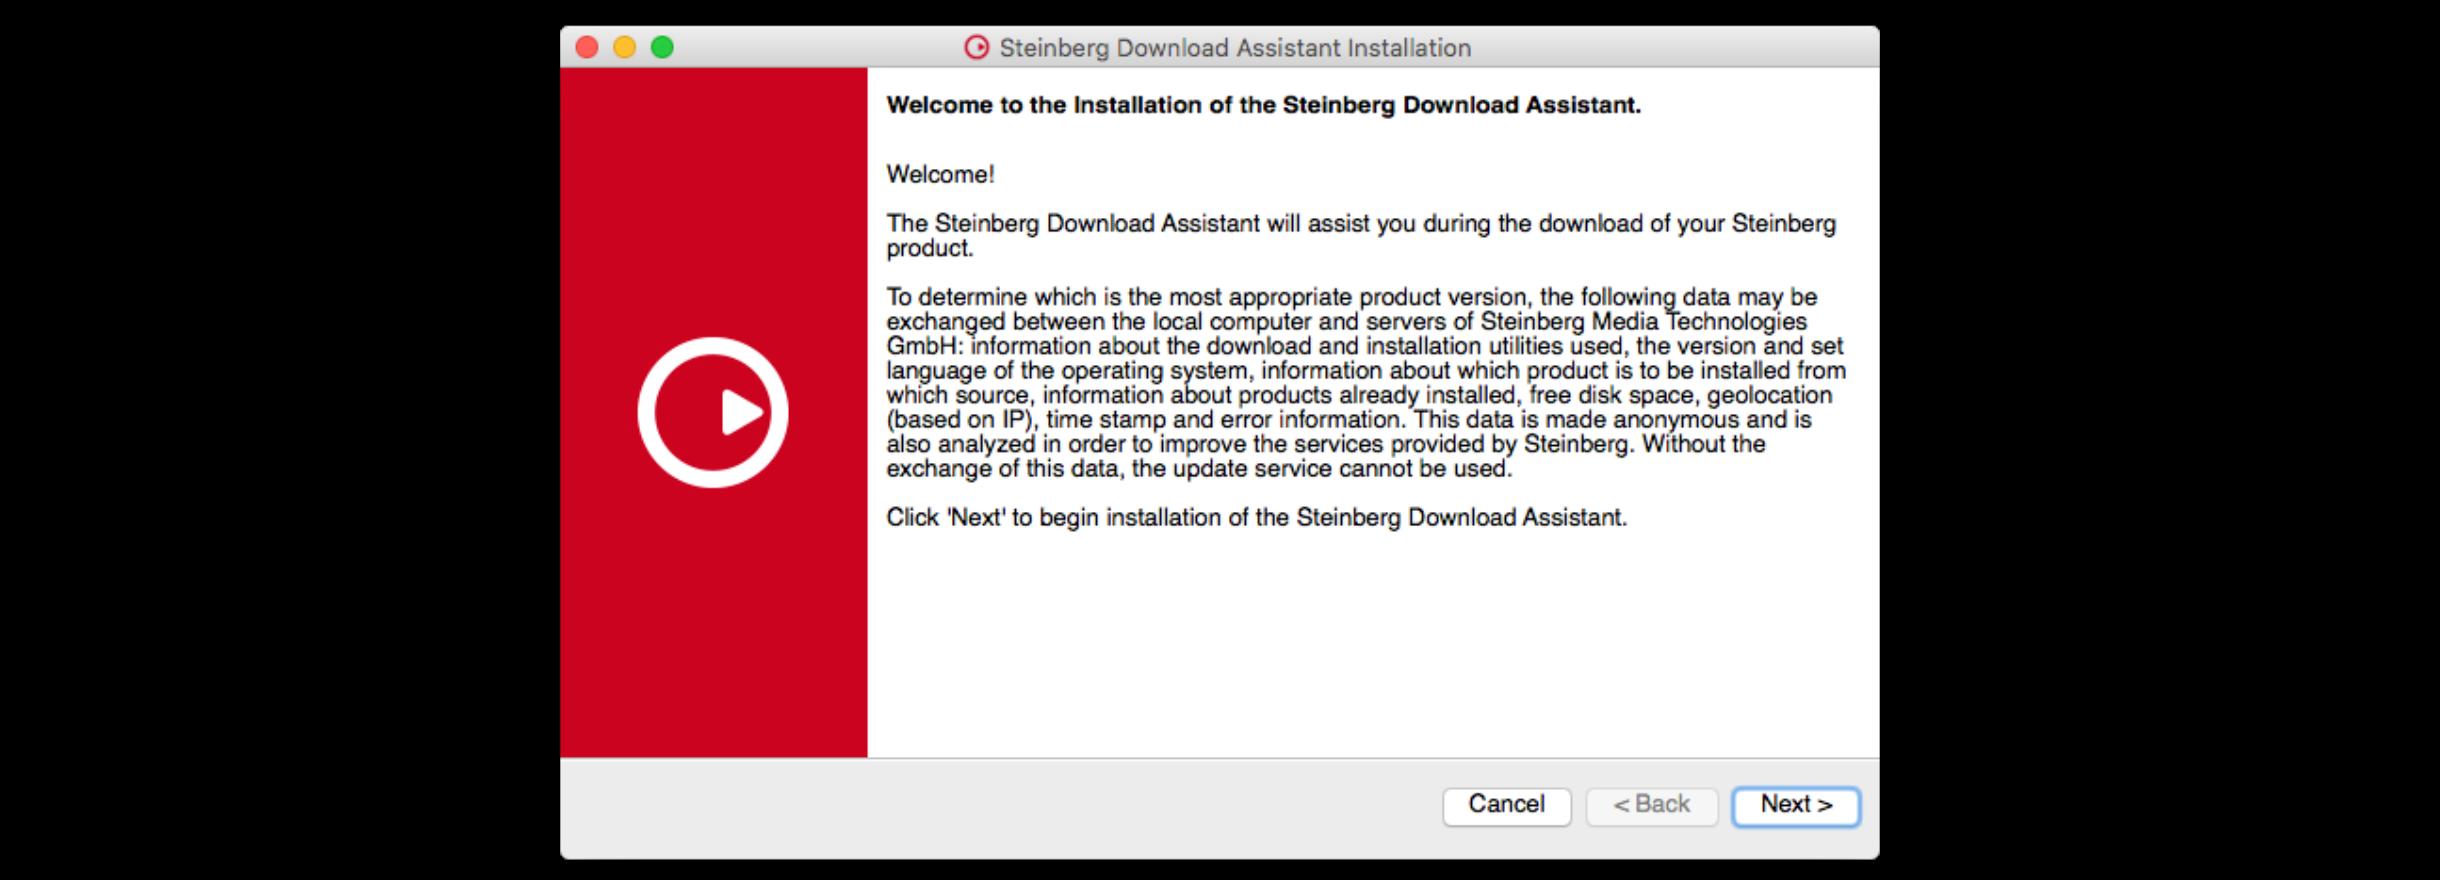 輸入序號取得授權之後,即可下載軟體盡情安裝。